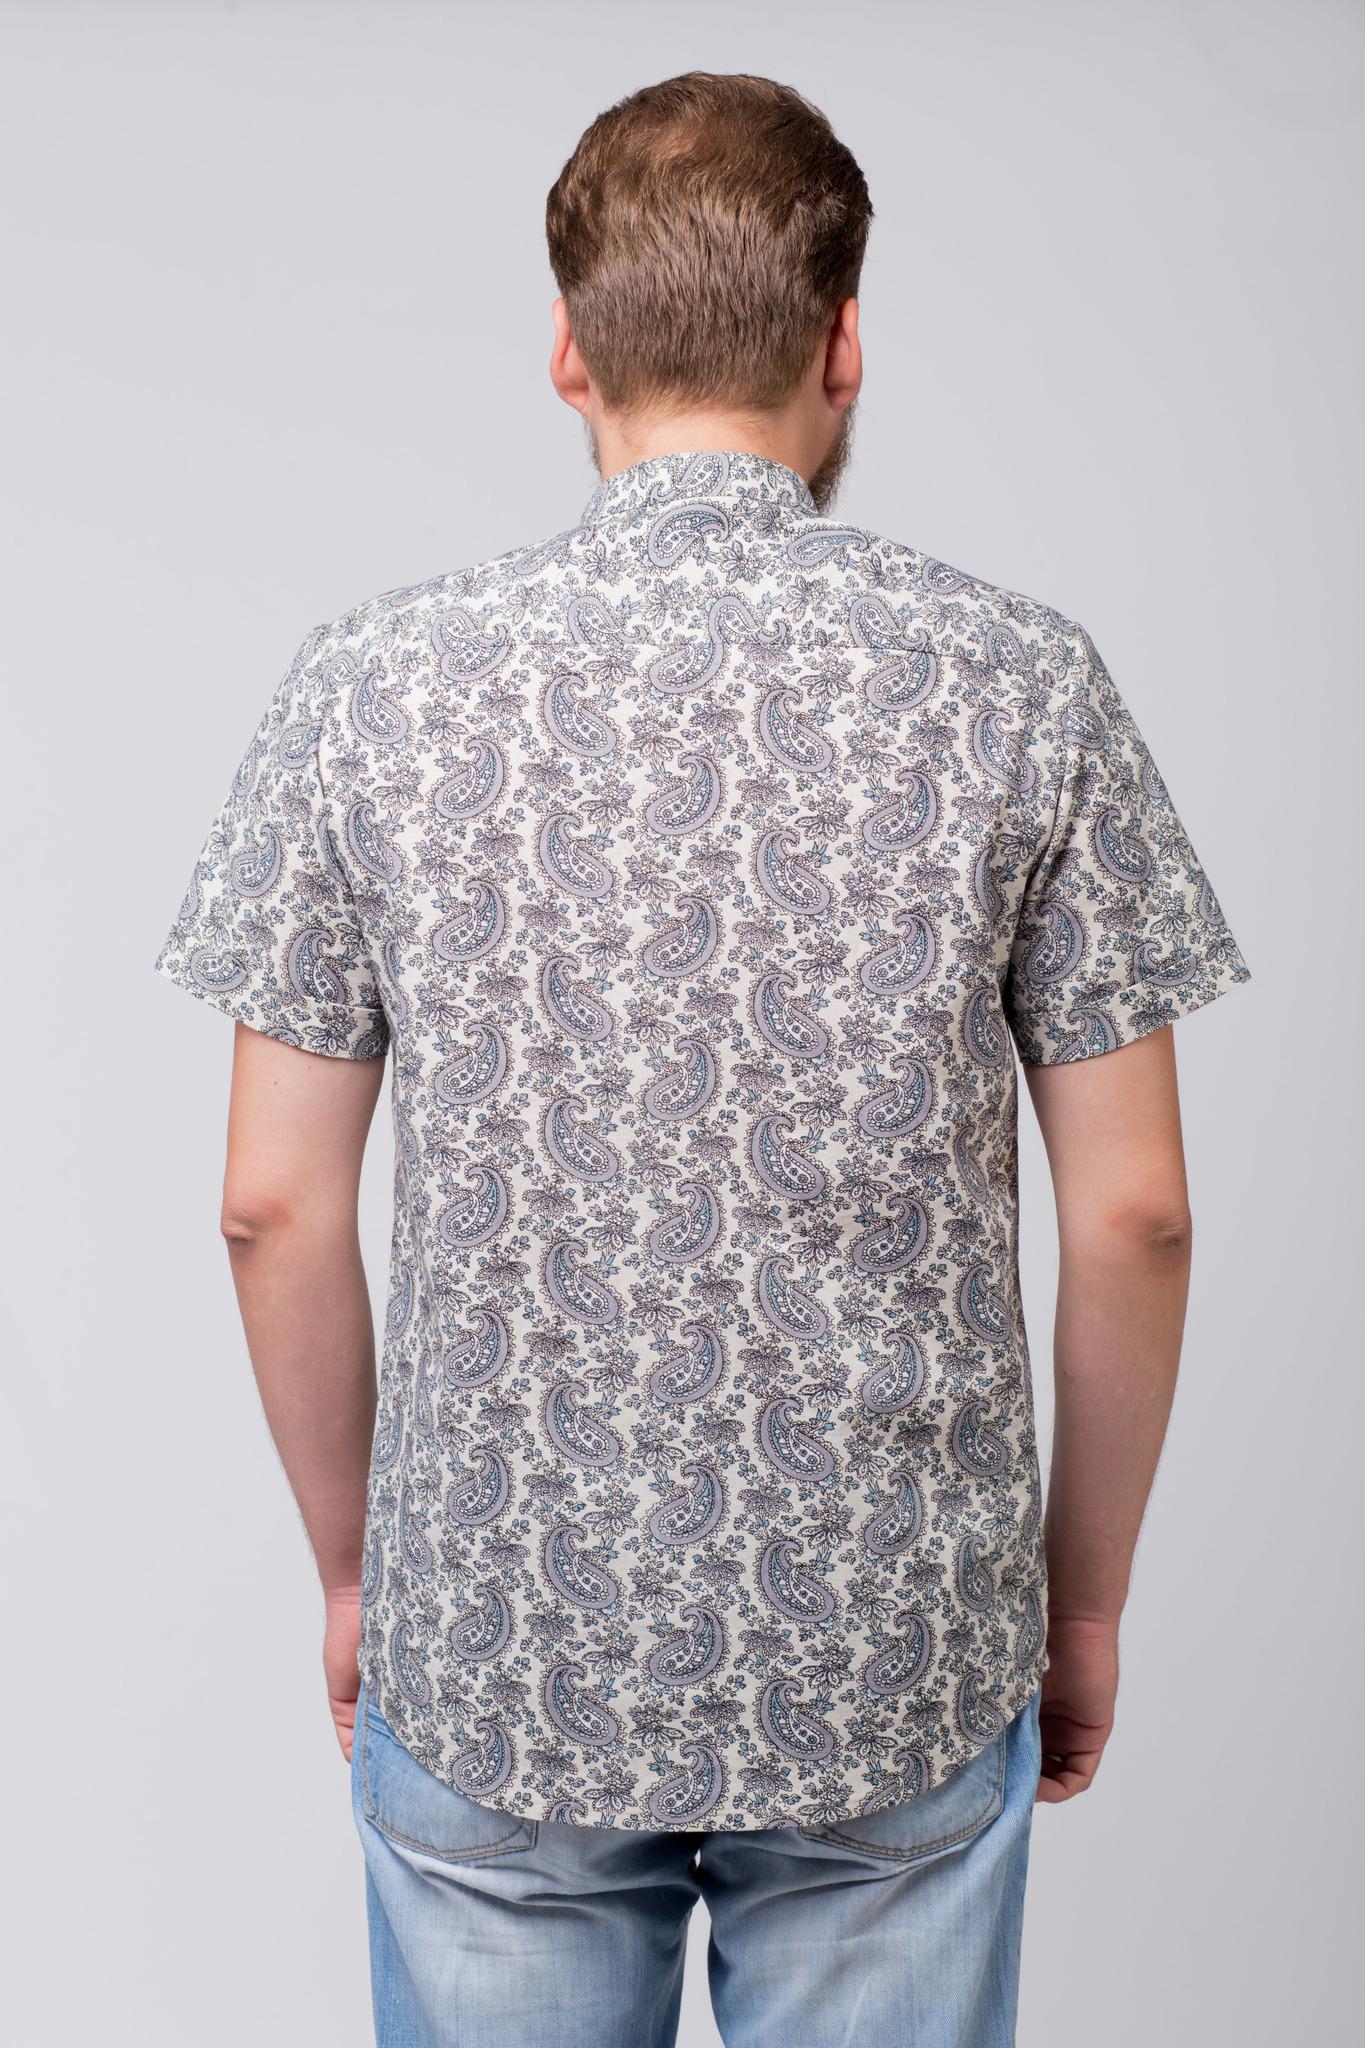 Рубашка льняная Огурцы вид сзади